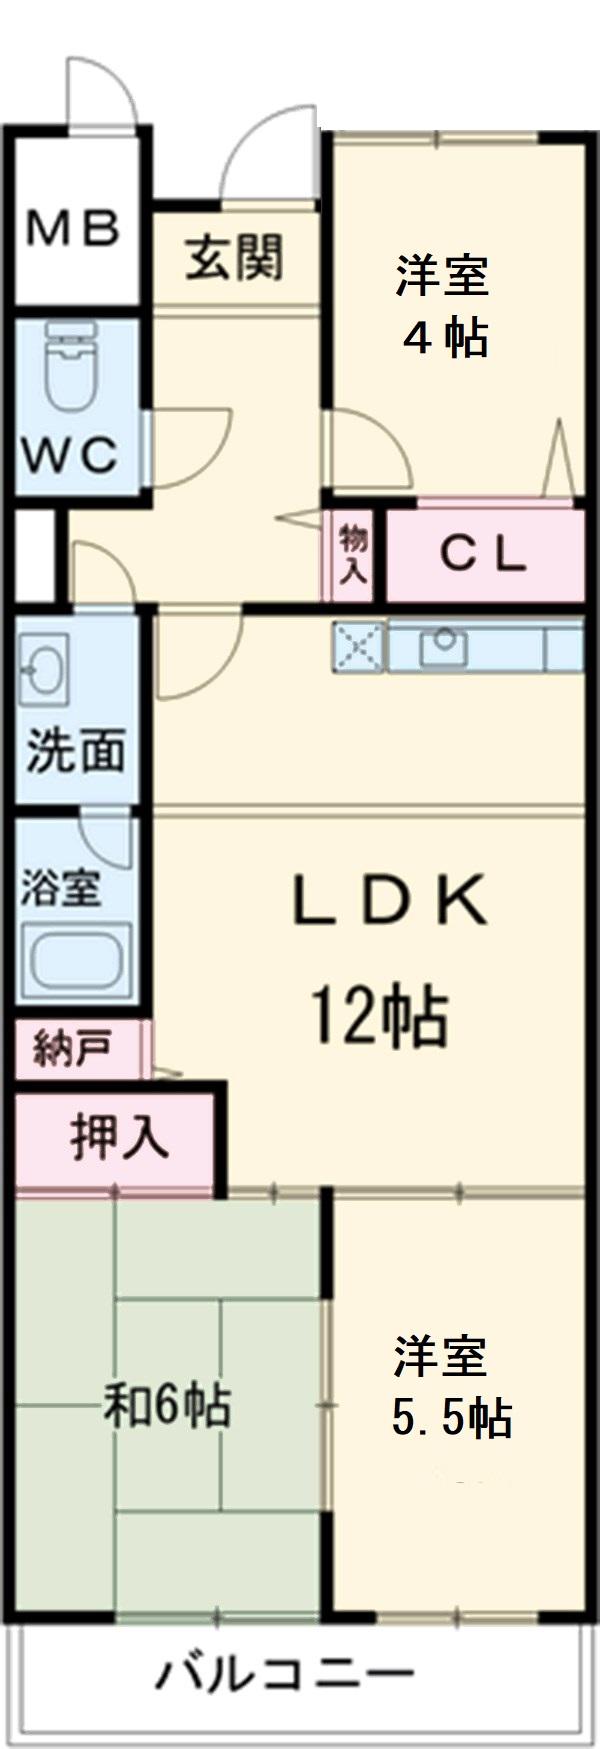 第2奥村マンション 4A号室の間取り